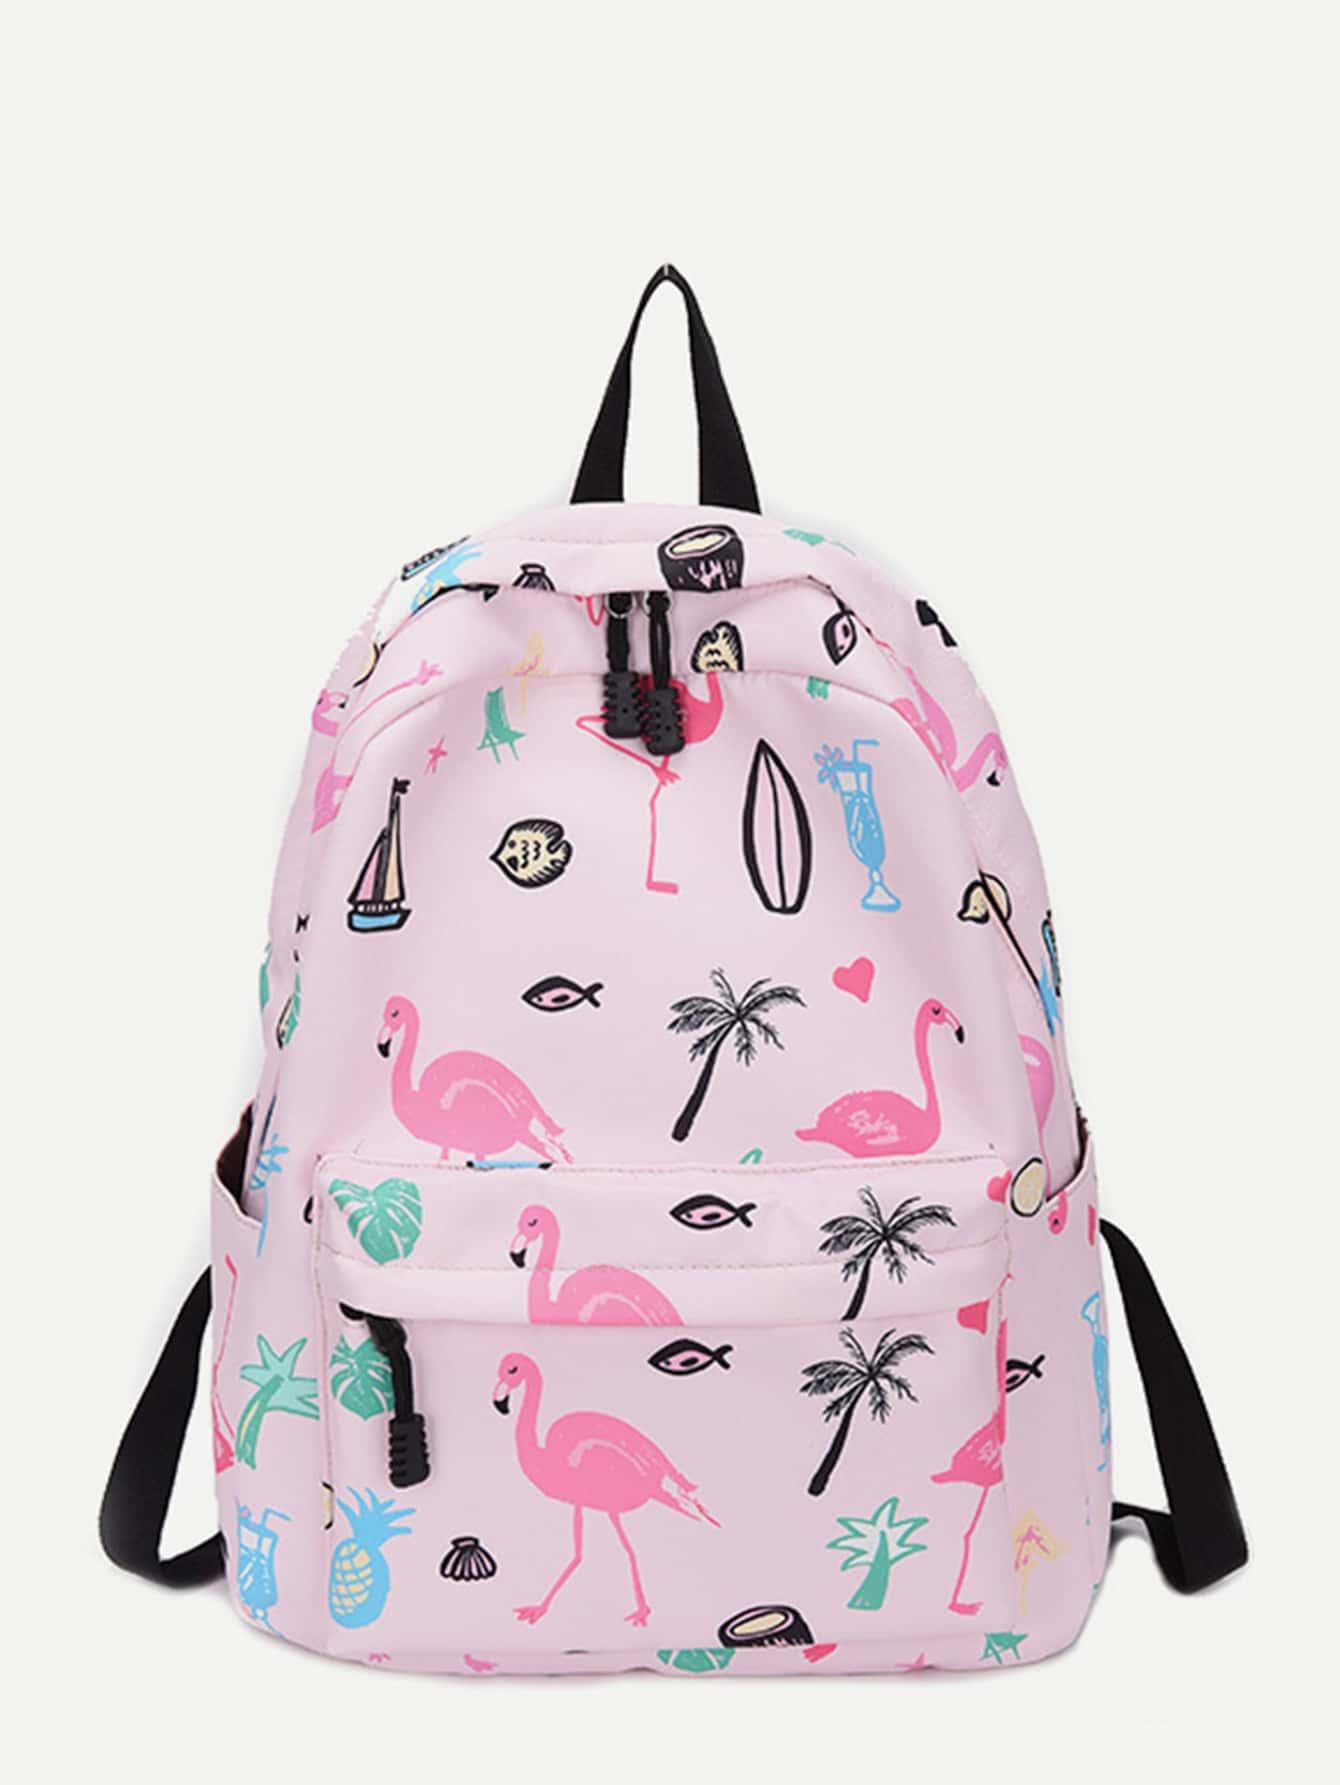 Flamingo Print Oxford Backpack